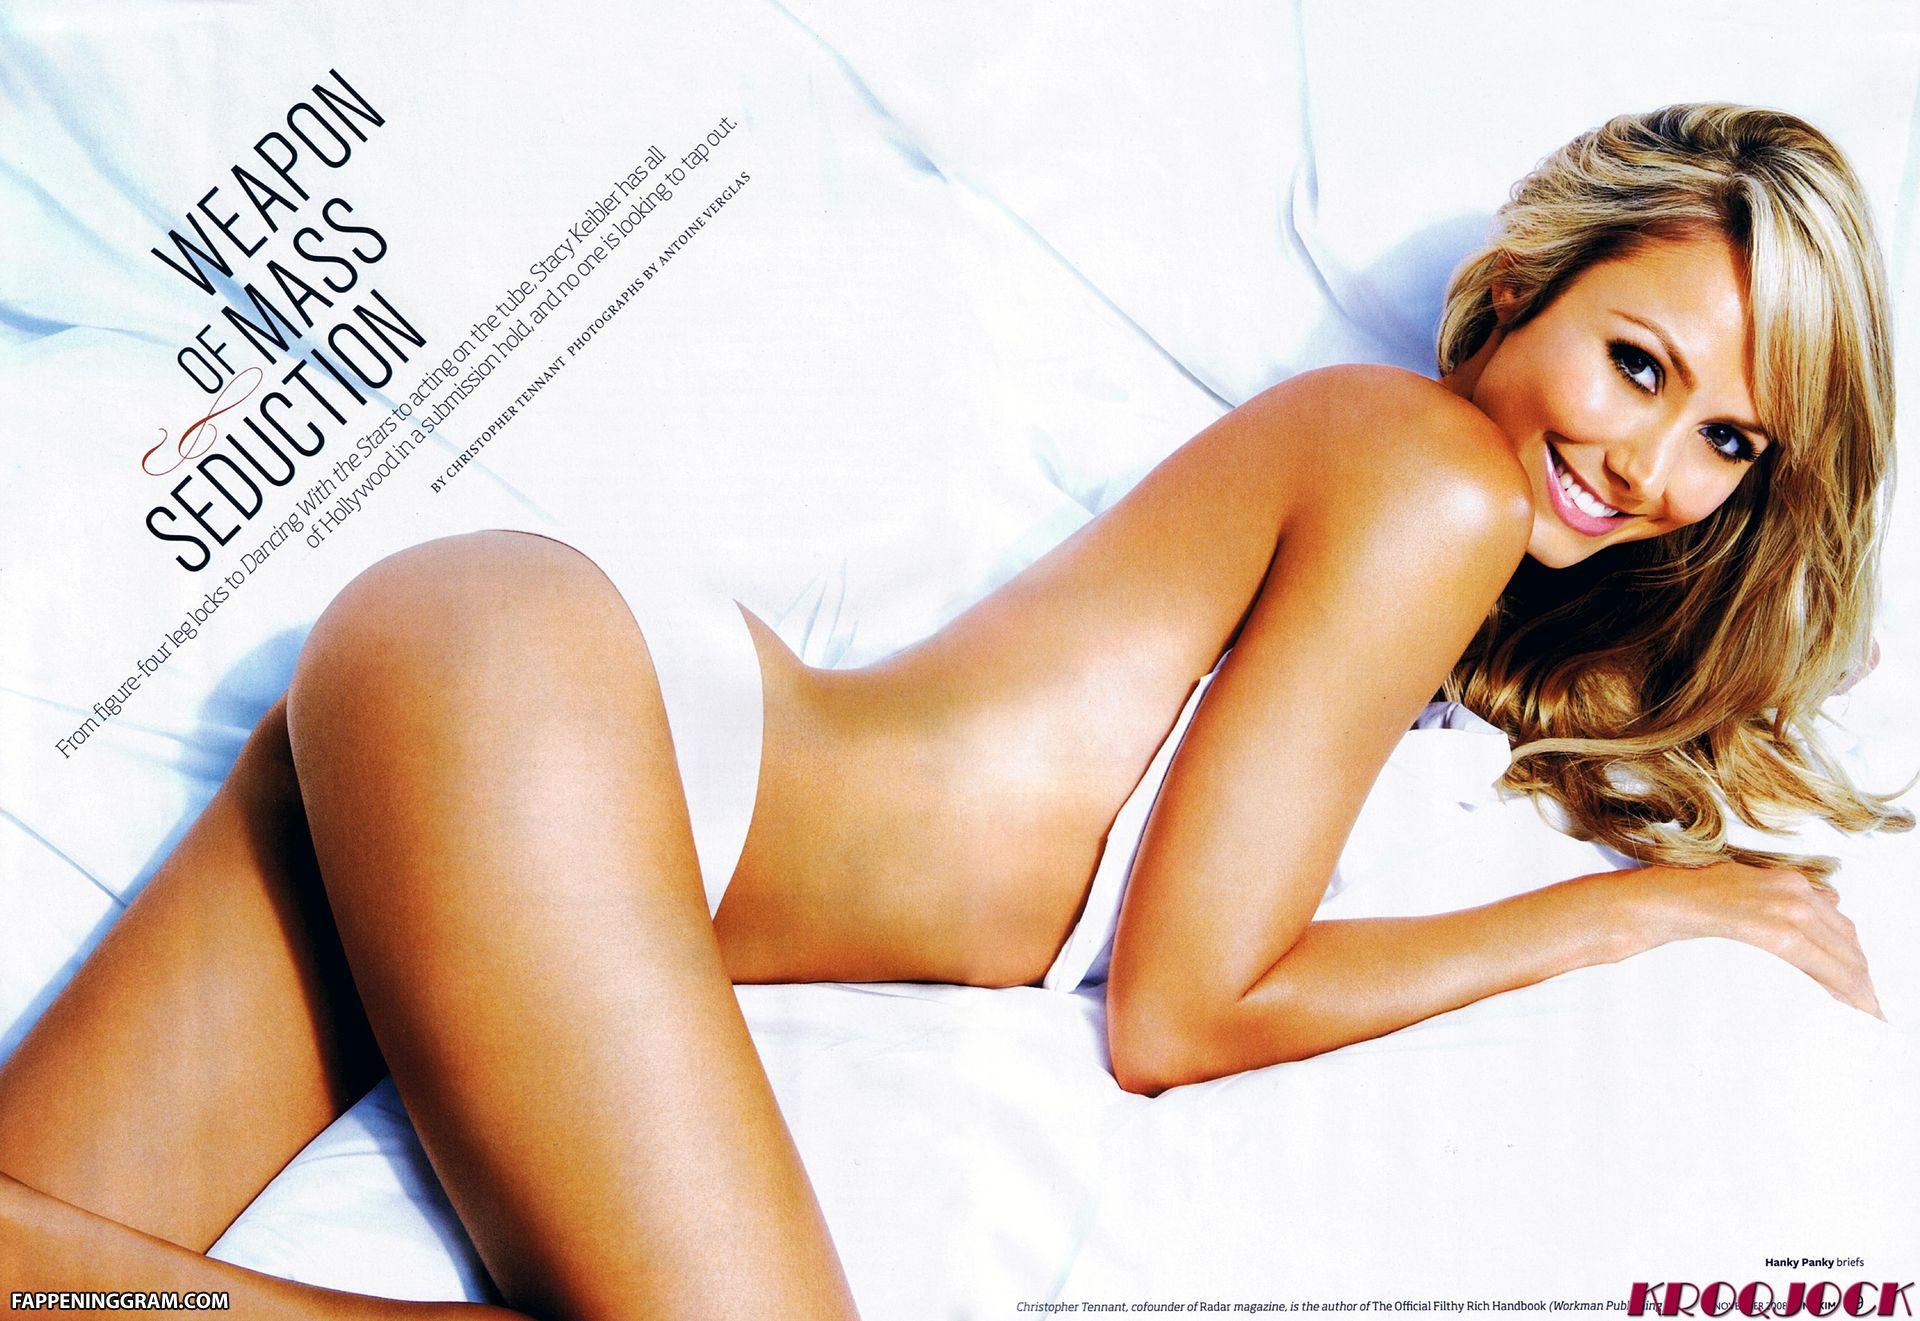 Stacy Keibler Nude